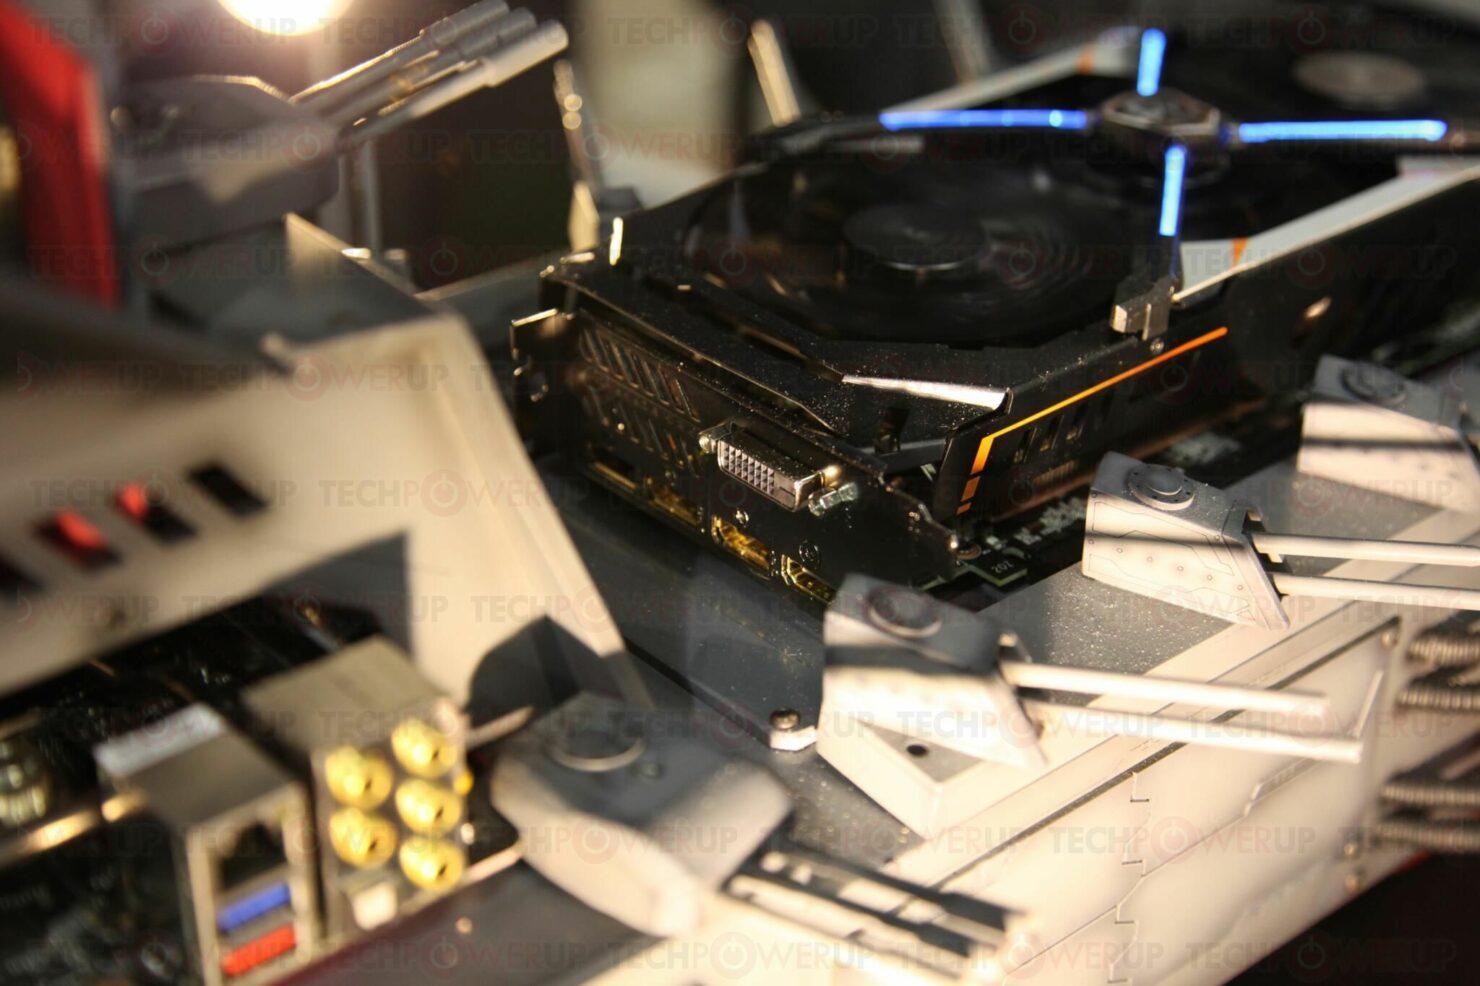 gigabyte-gtx-1080-xtreme-gaming-2-1